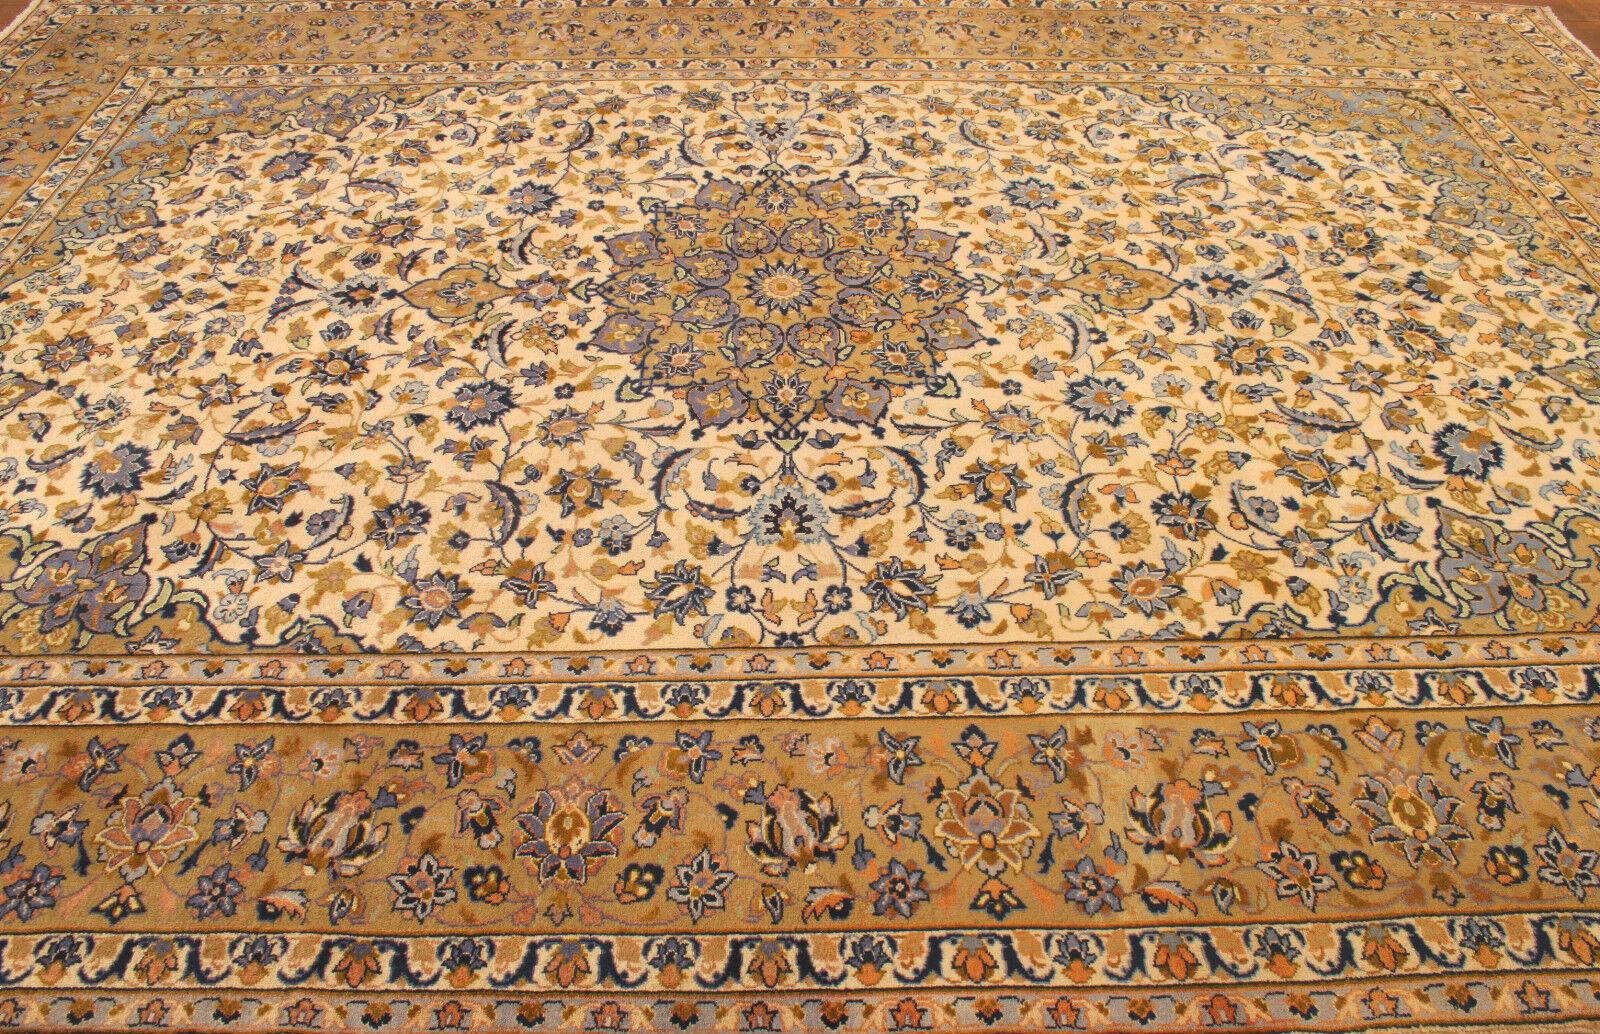 TAPPETO Orientale Vero Annodato Annodato Annodato Tapis persan (410 x 298) cm Ottimo Stato 3516 817aa7